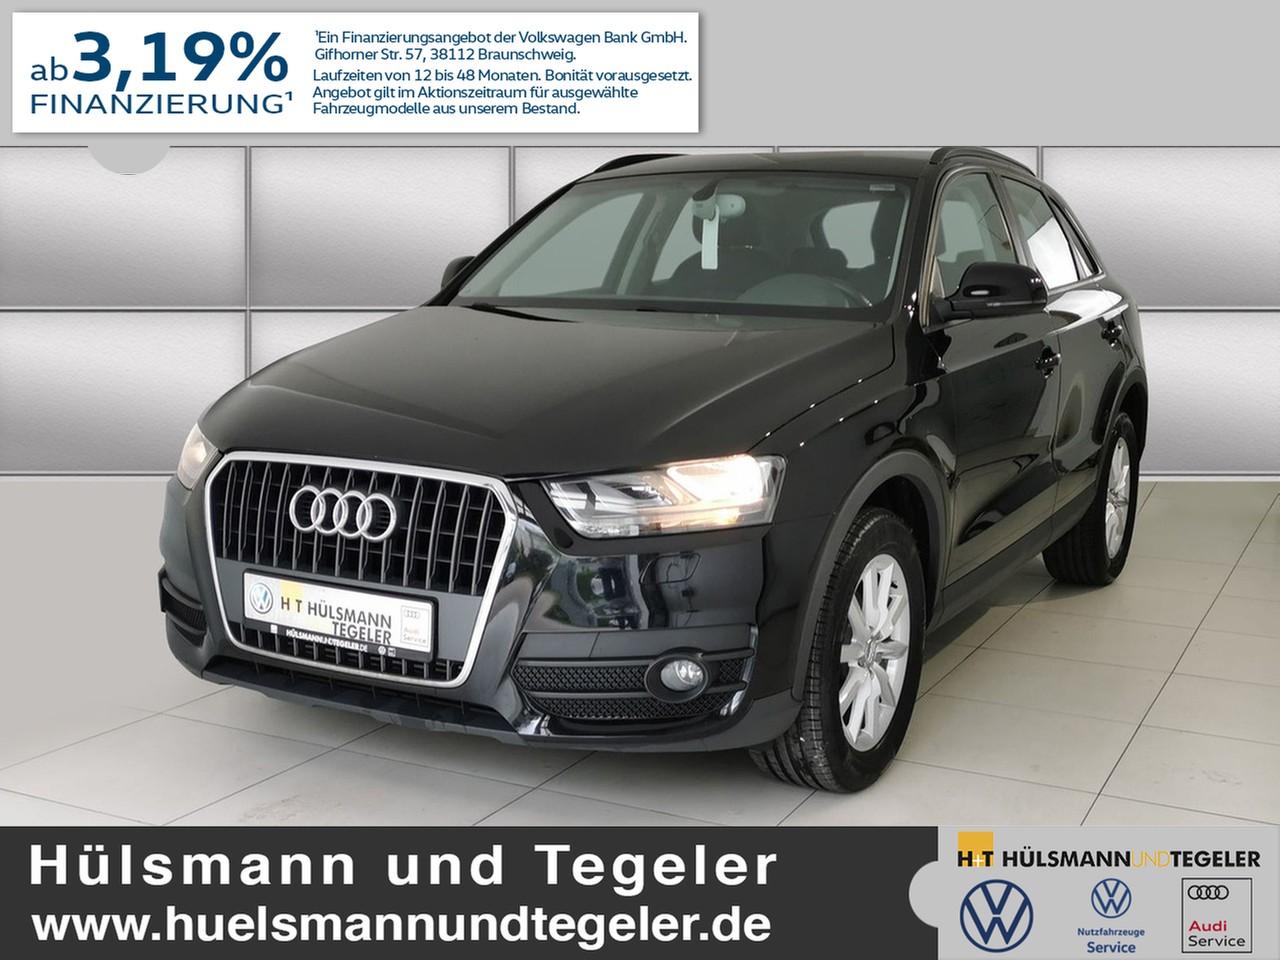 Audi Q3 2.0 TDI DPF, Jahr 2014, Diesel